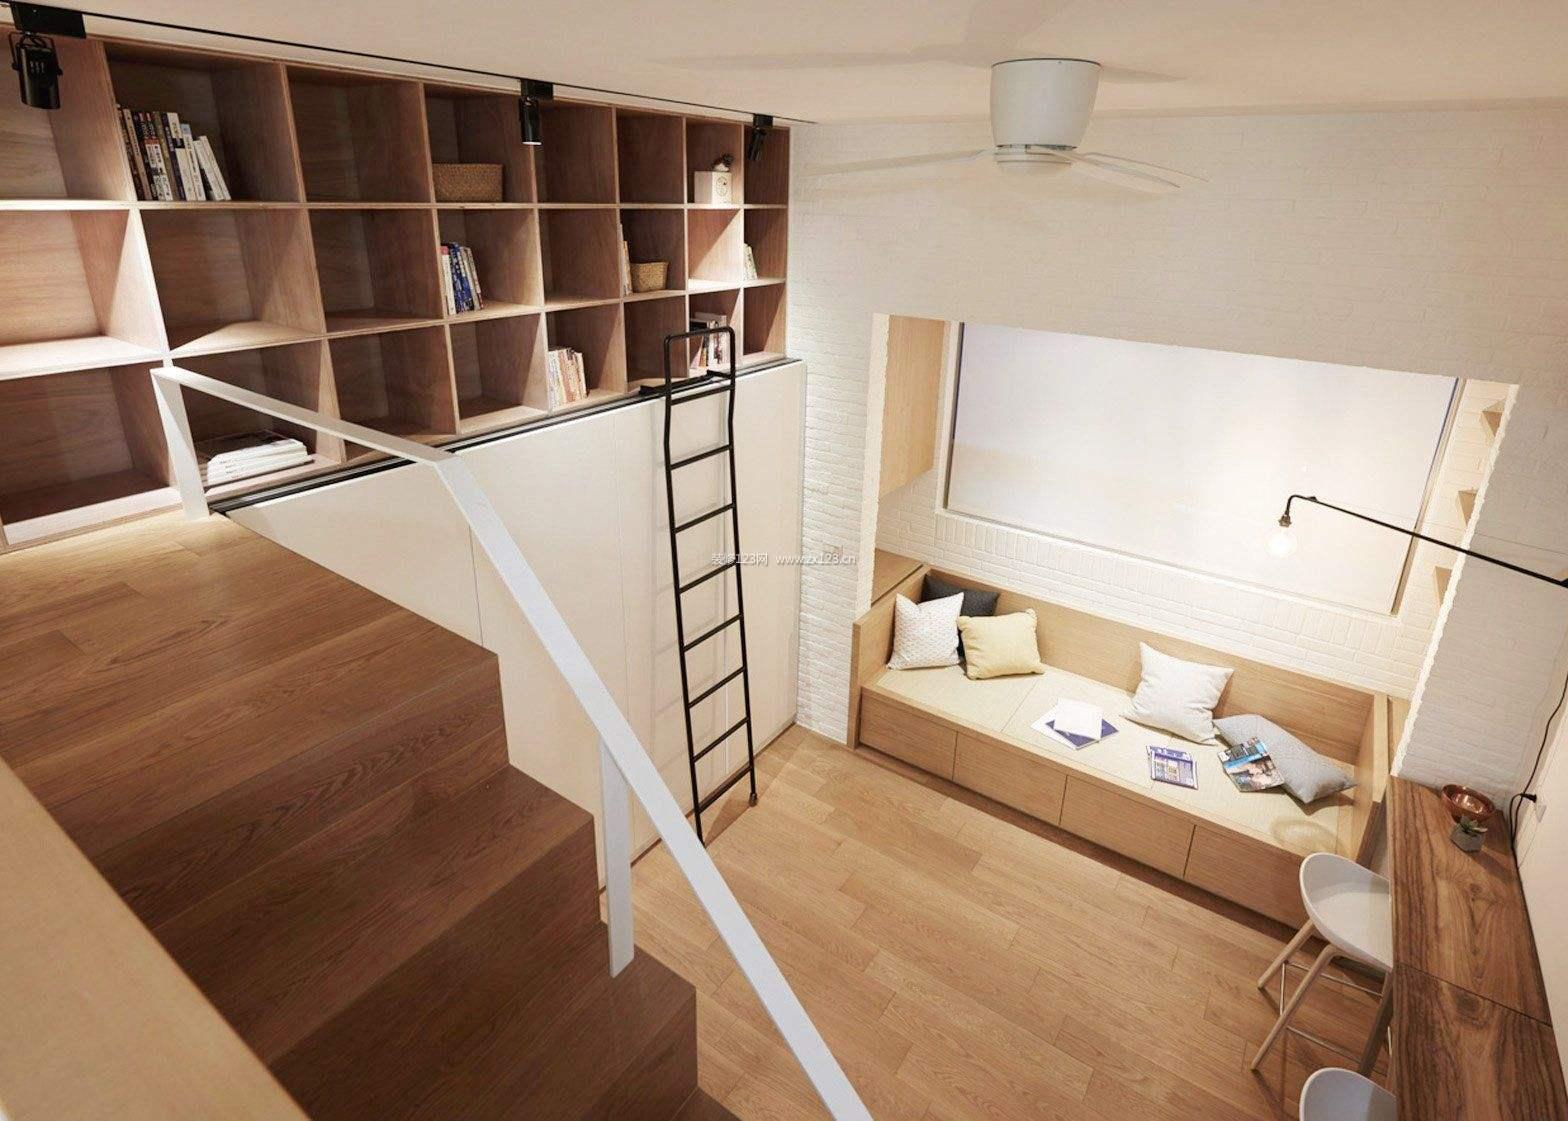 房屋面积小?教你几招小房屋大空间的设计技巧